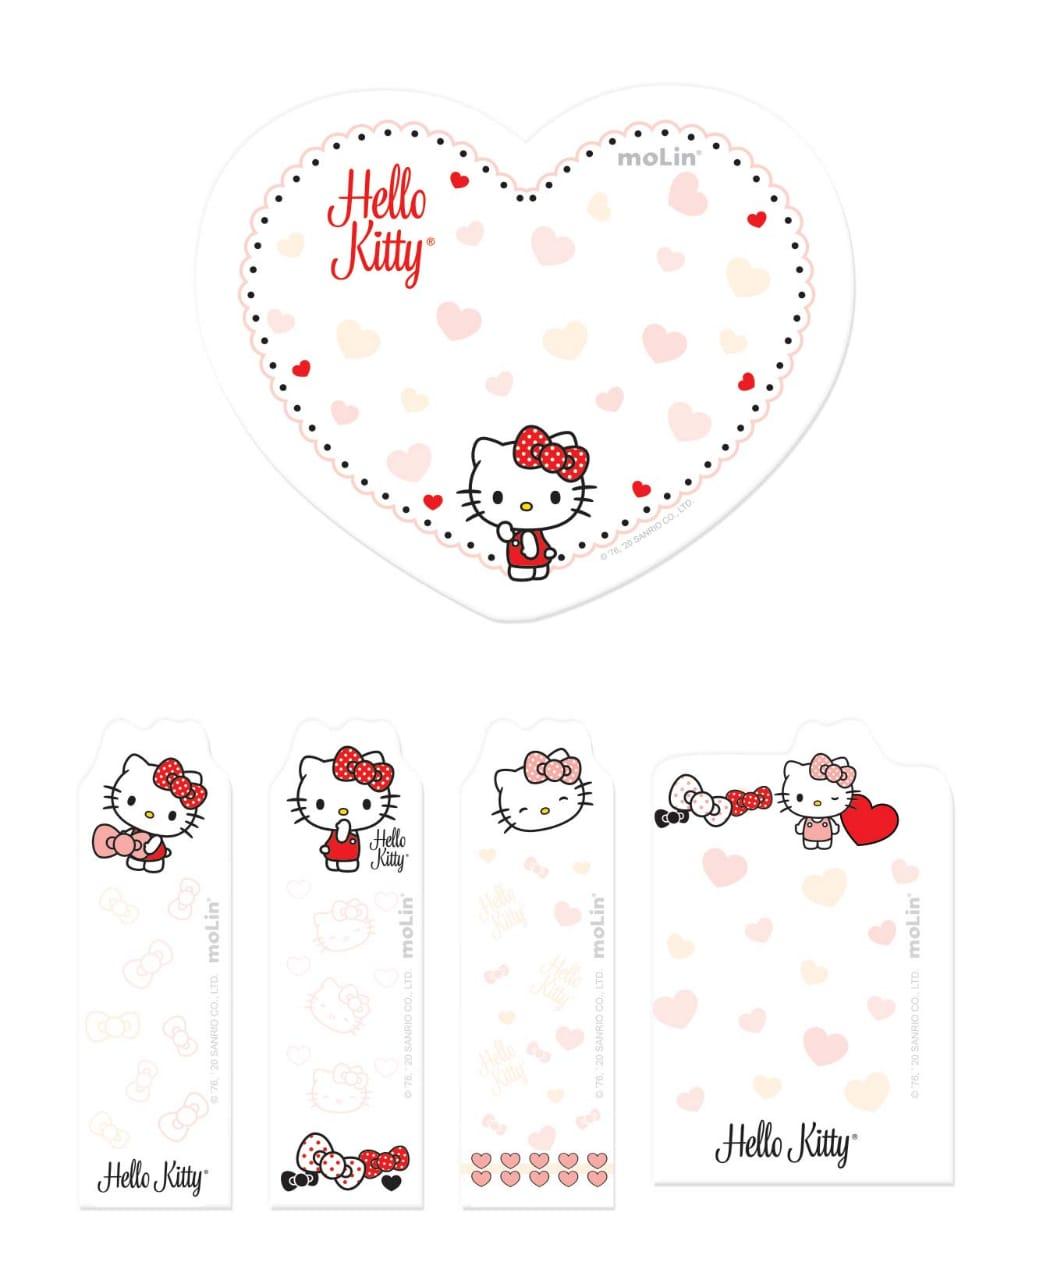 Bloco de Notas Adesivas Hello Kitty | Molin